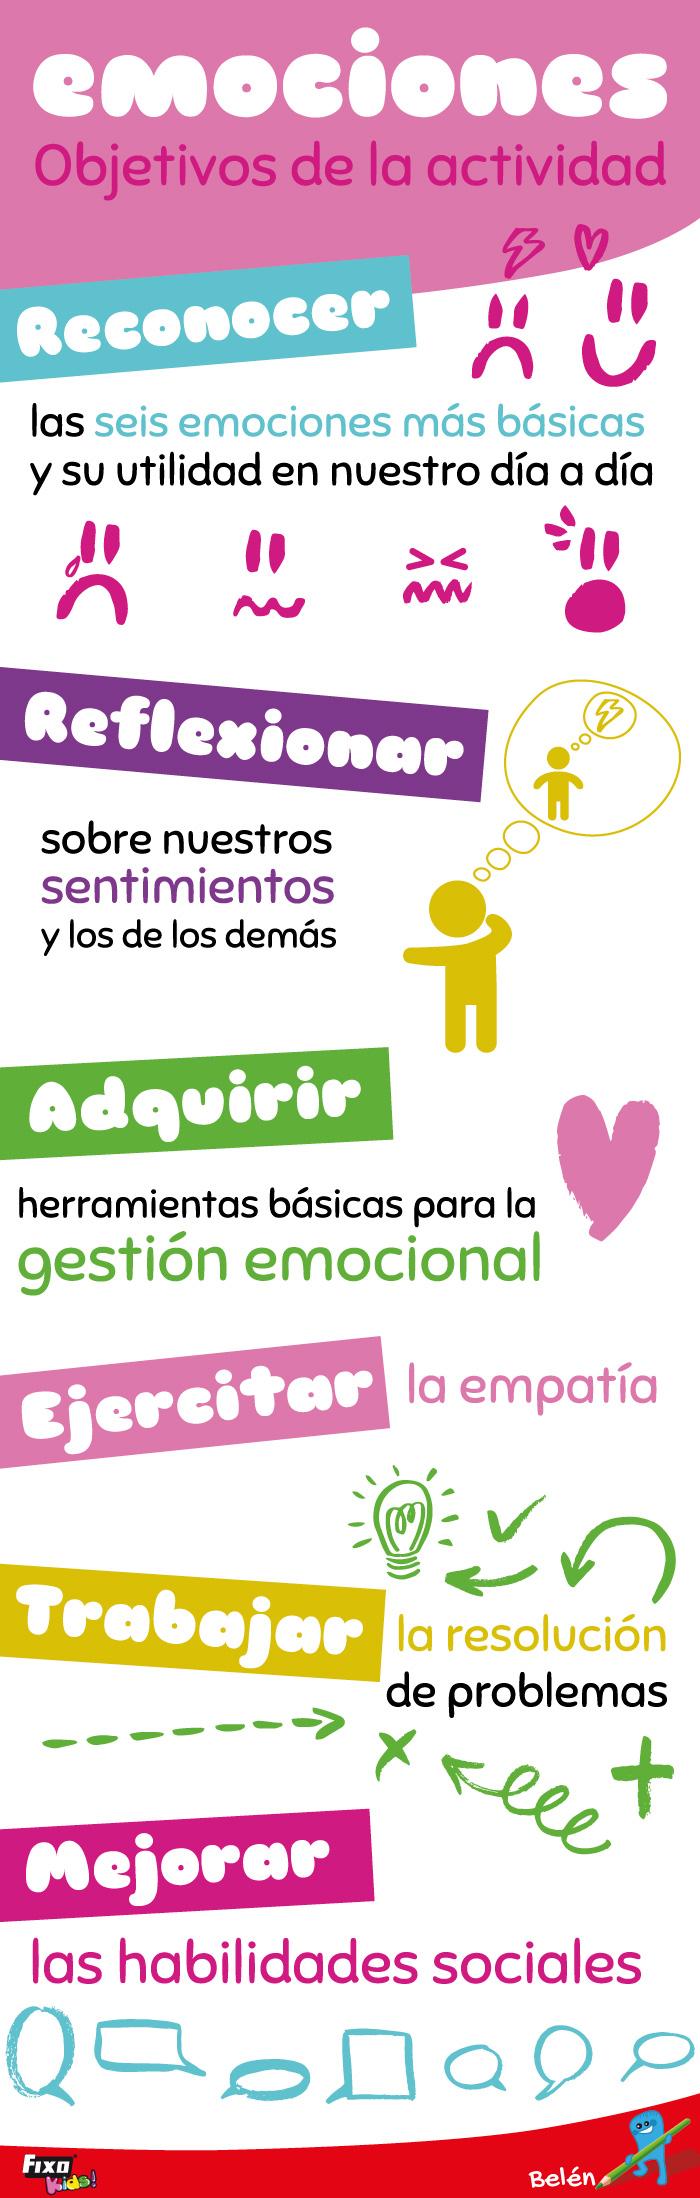 objetivos-emociones